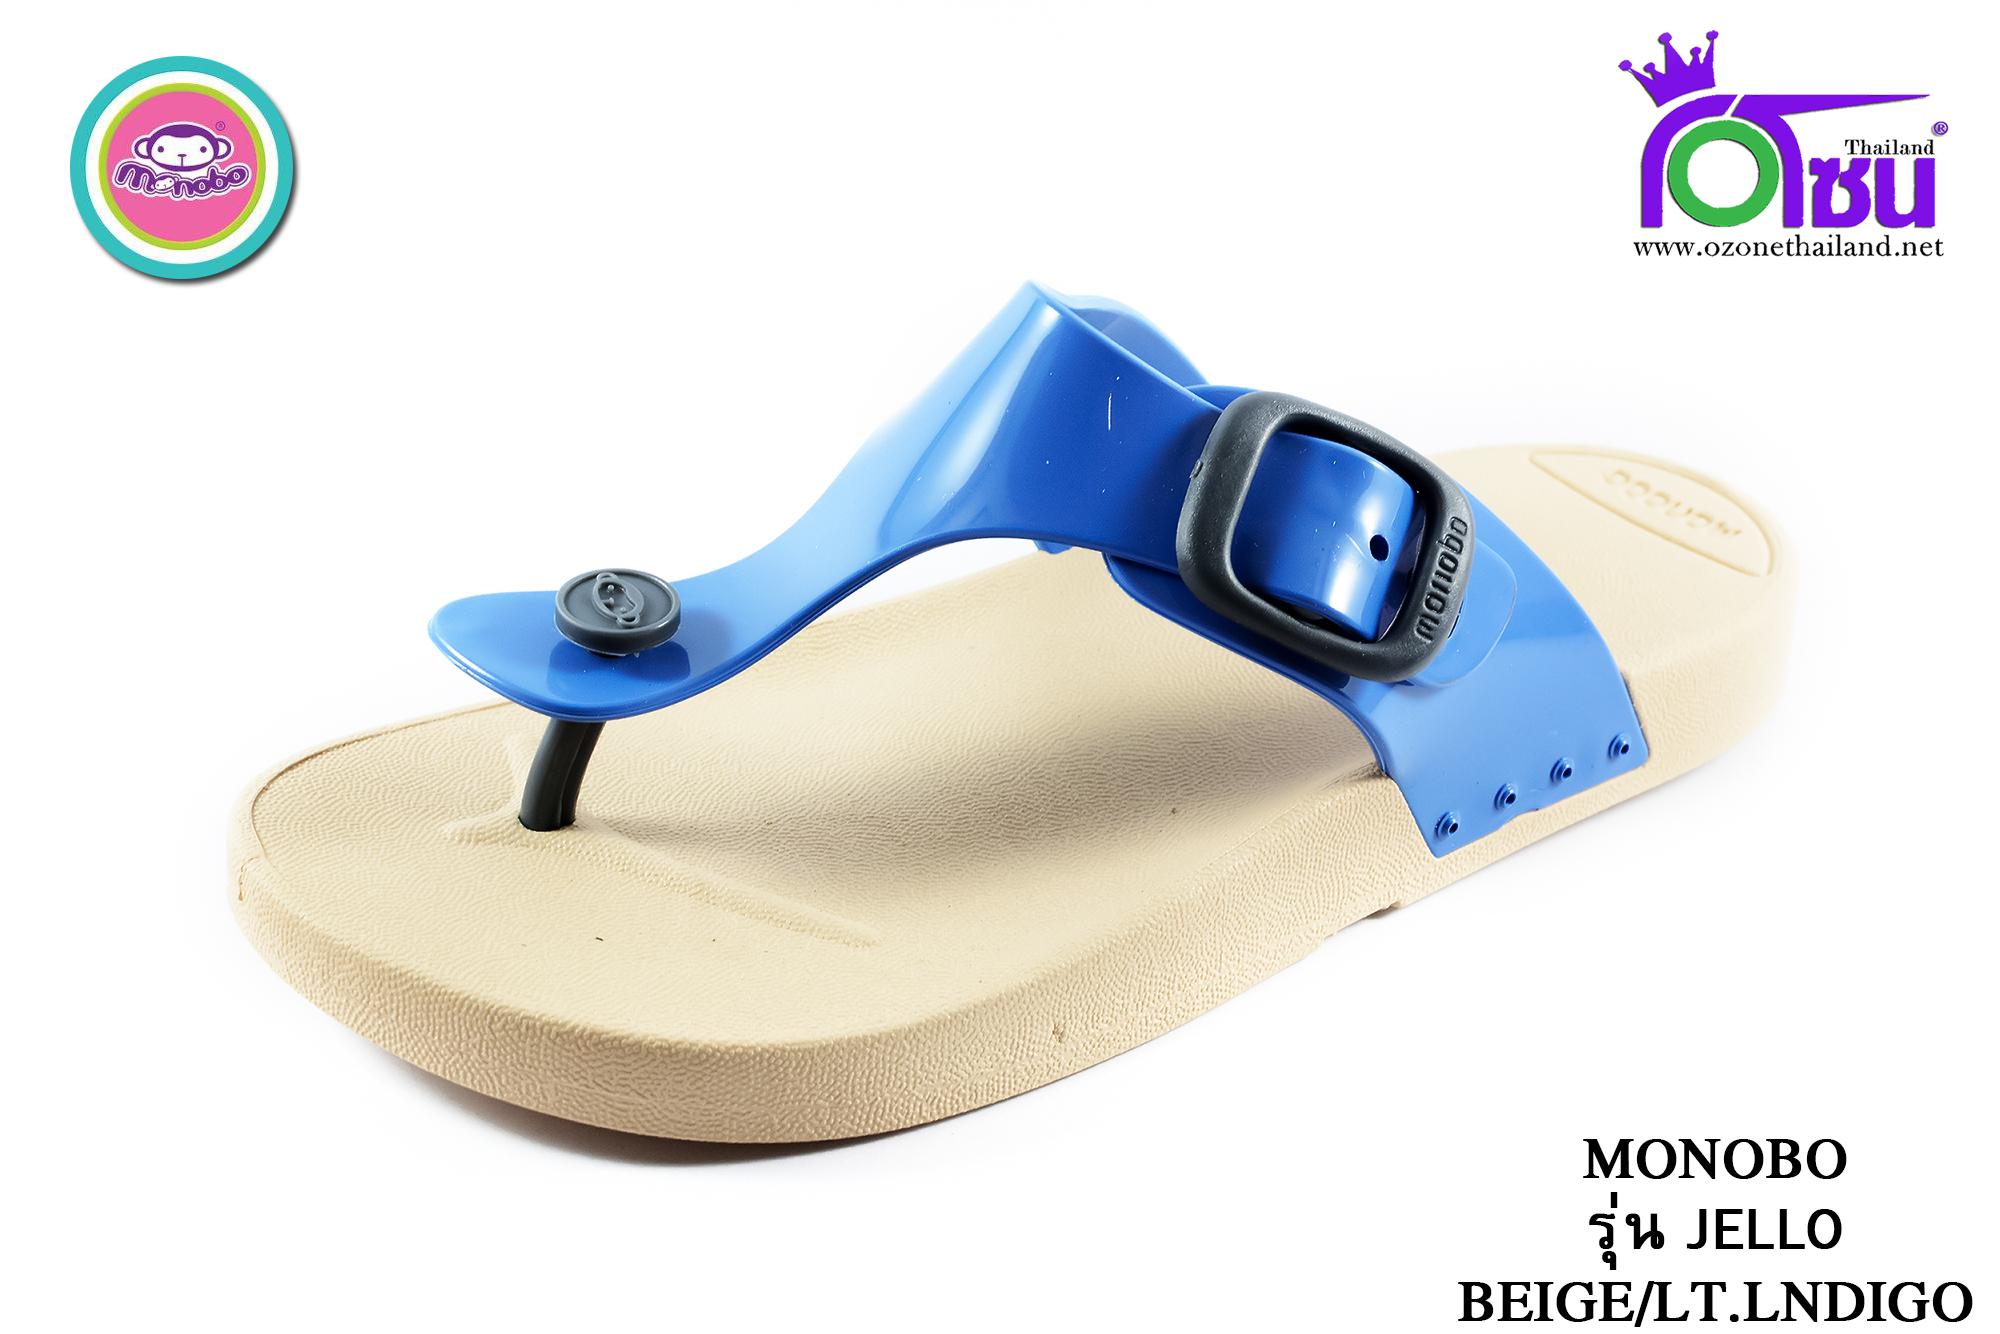 รองเท้าแตะ Monobo โมโนโบ้ รุ่น Jello เจลโล่ สีน้ำเงิน เบอร์ 5-8